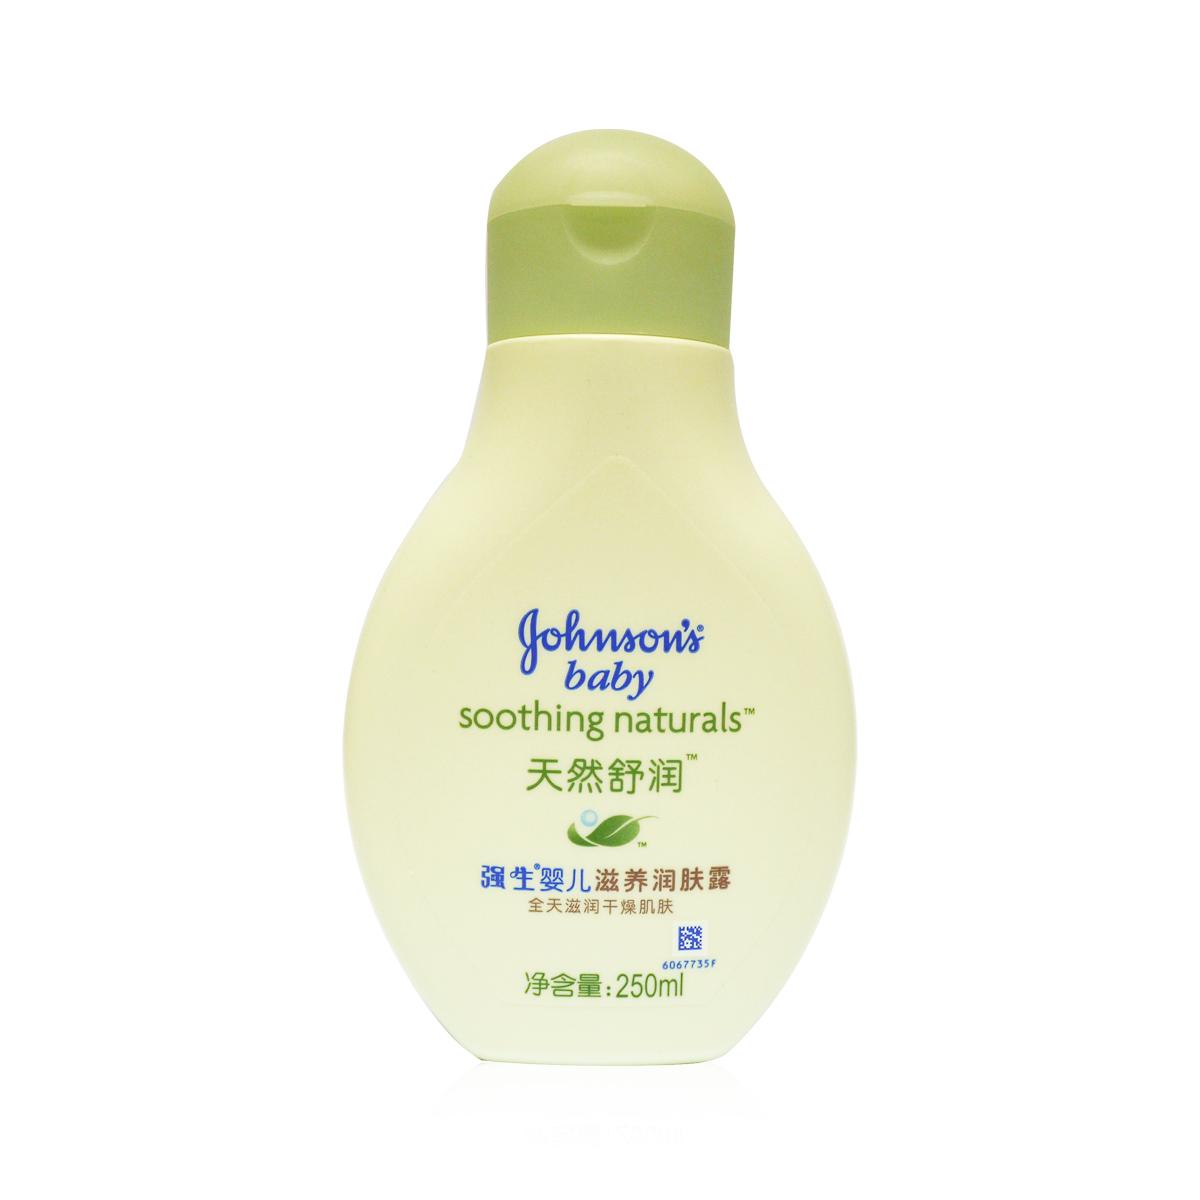 强生婴儿天然舒润润肤露无香型250ml*2套装宝宝防干燥护肤滋润保